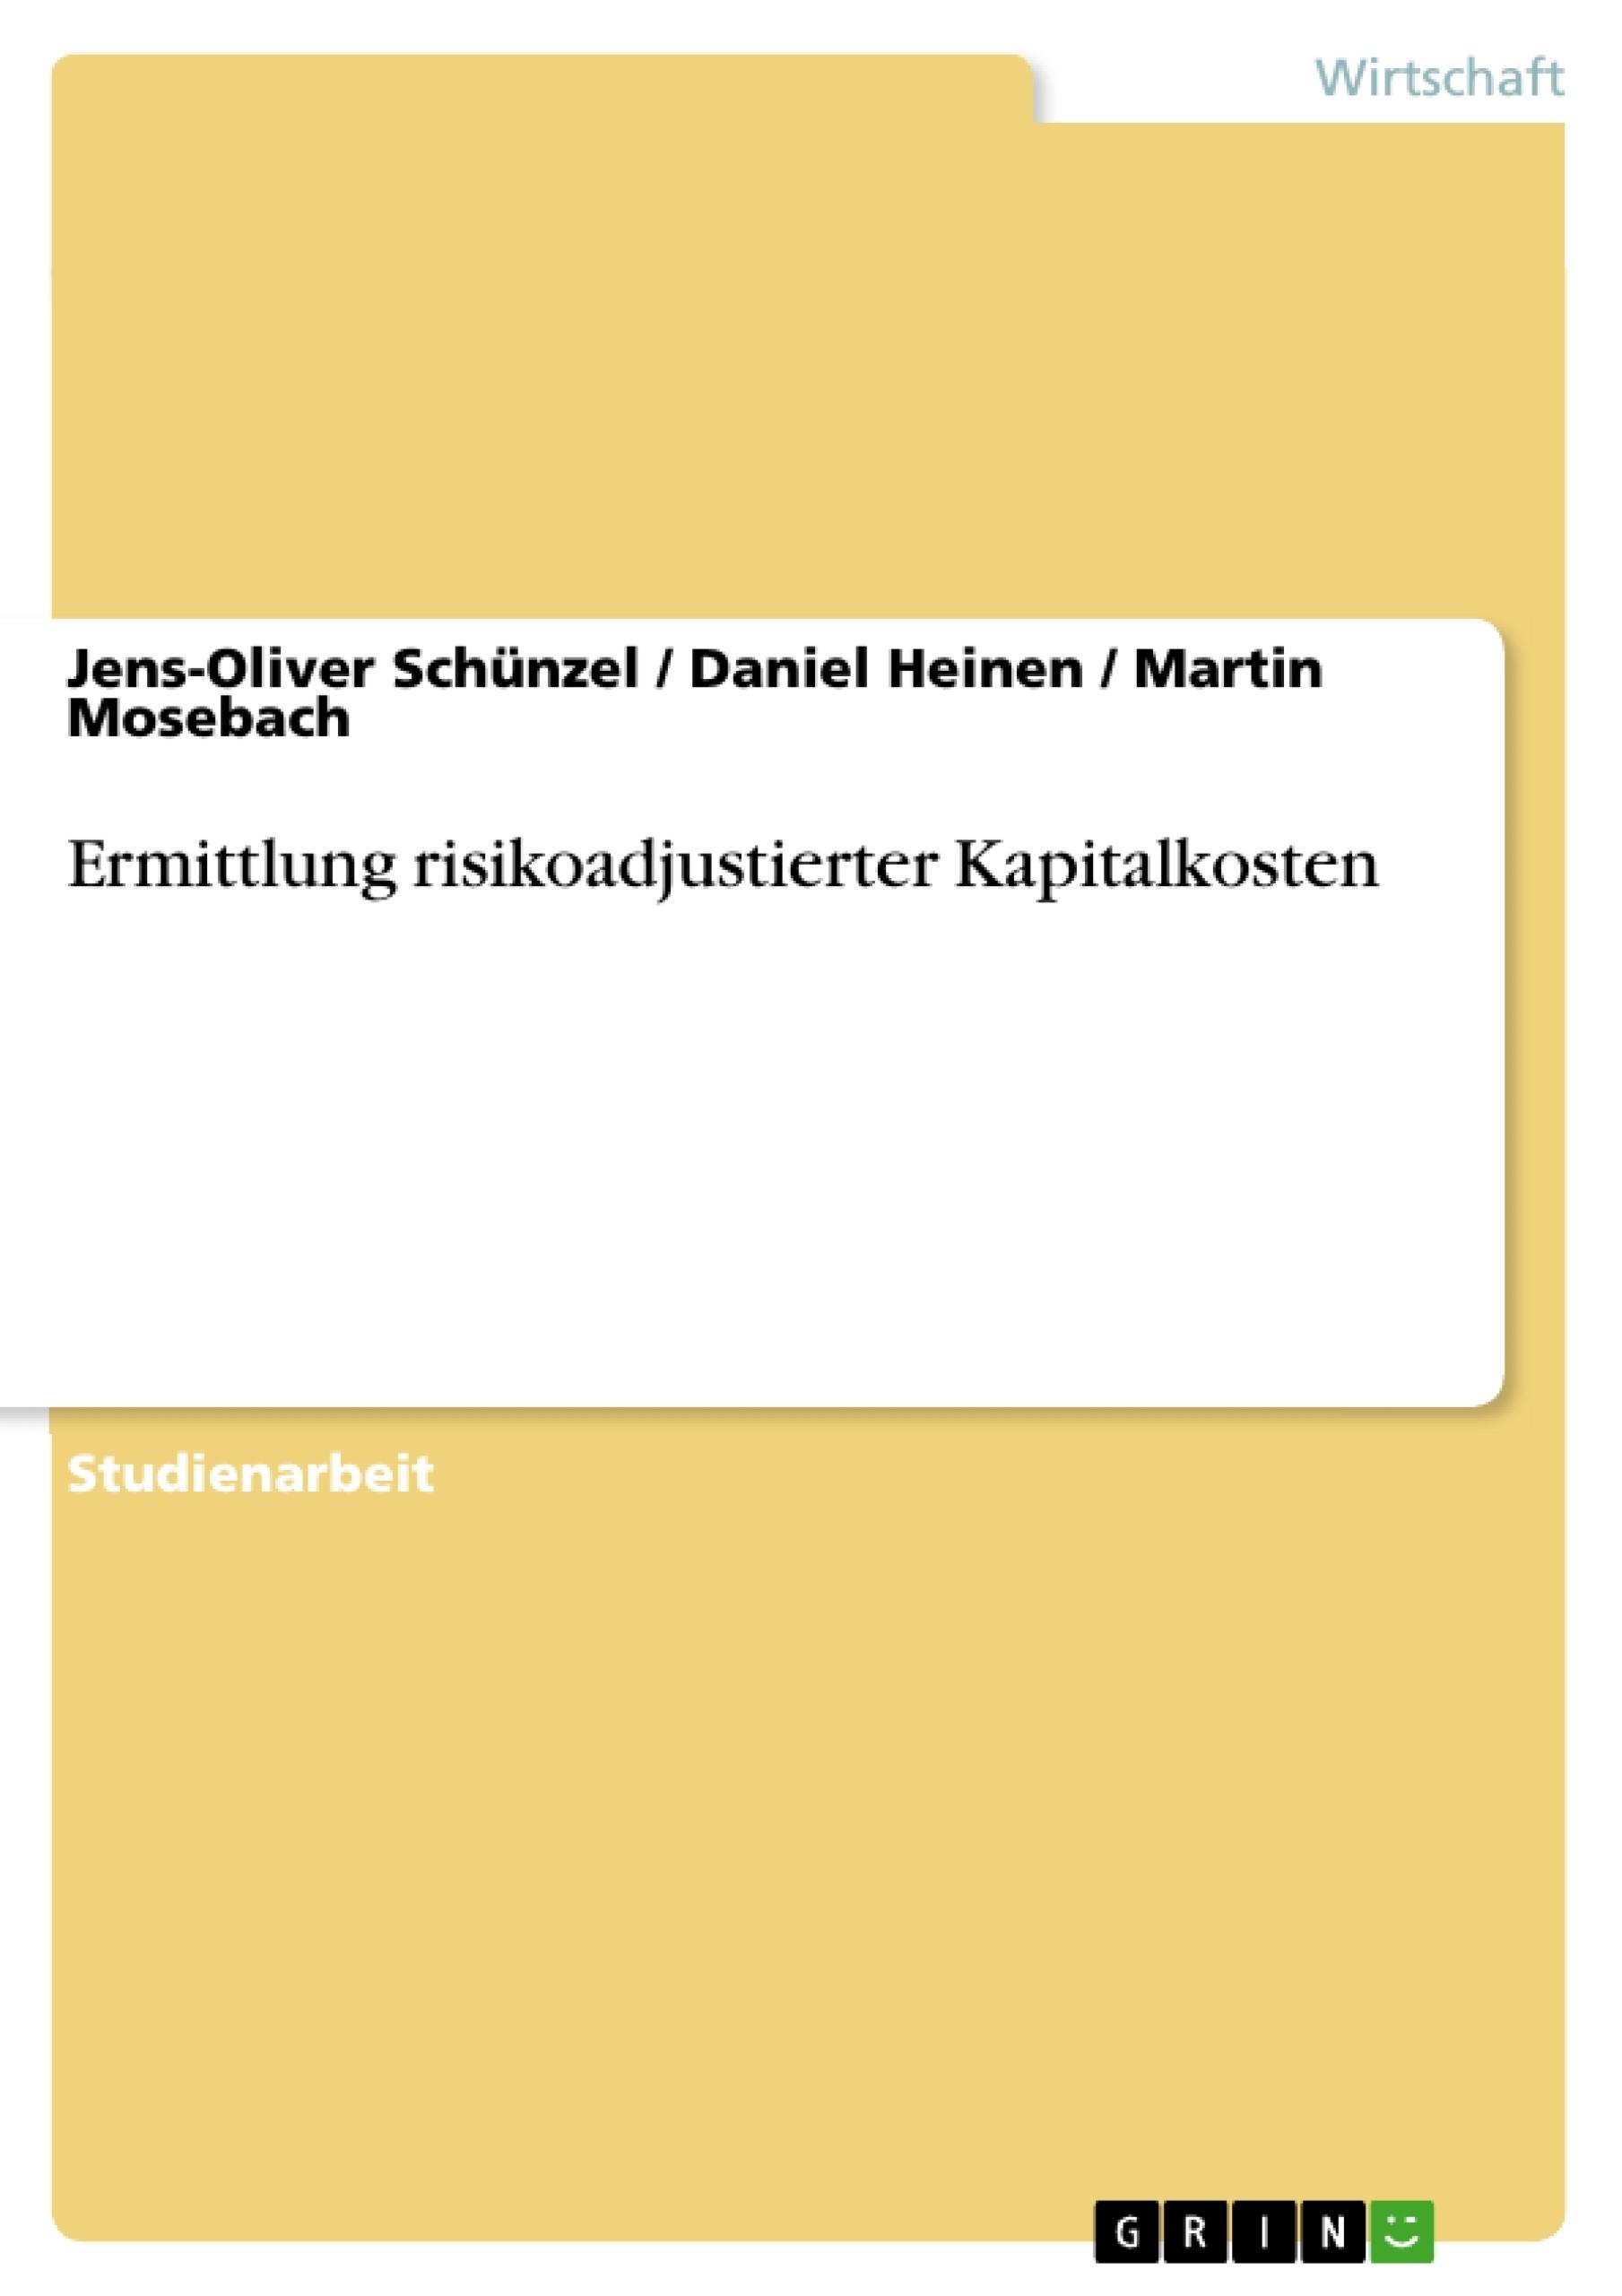 Titel: Ermittlung risikoadjustierter Kapitalkosten